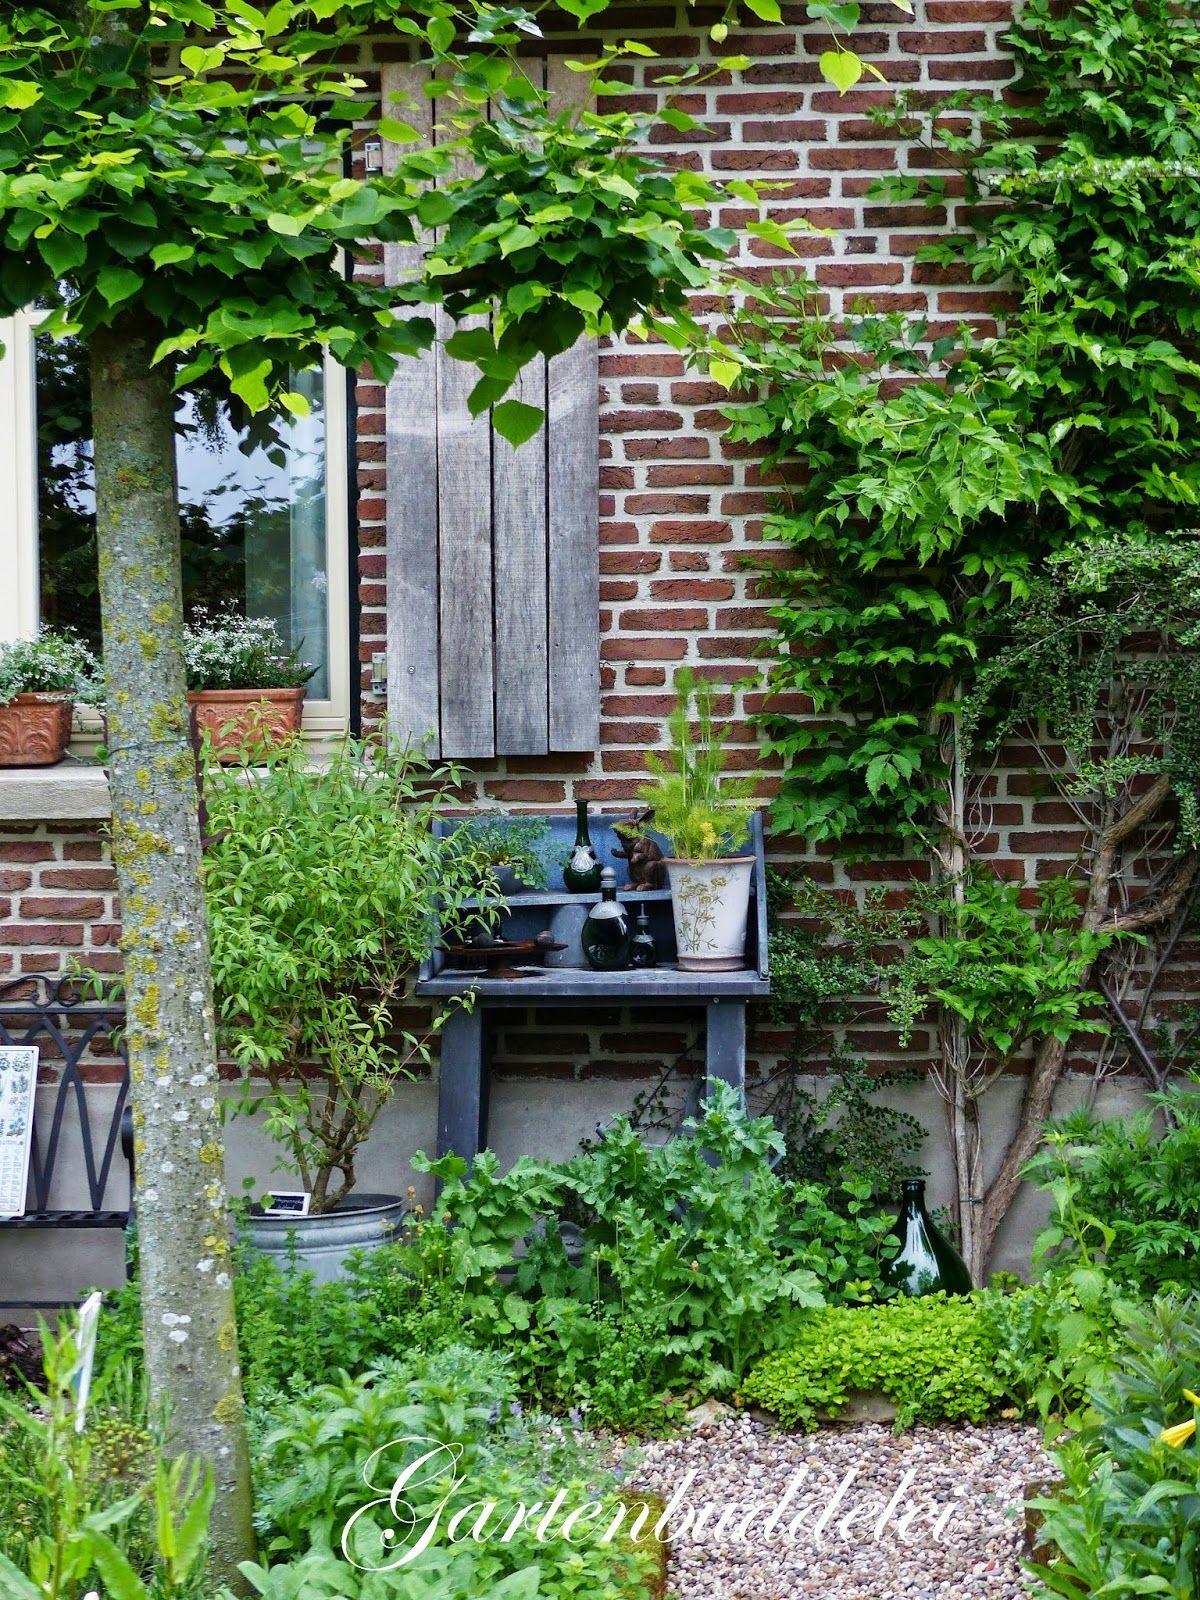 10jahriges Jubilaum Im Garten Picker Innenhofgestaltung Gartenbuddelei 10jahriges Jubilaum Im Garten Pic Cottage Garden Scandinavian Garden Patio Landscaping